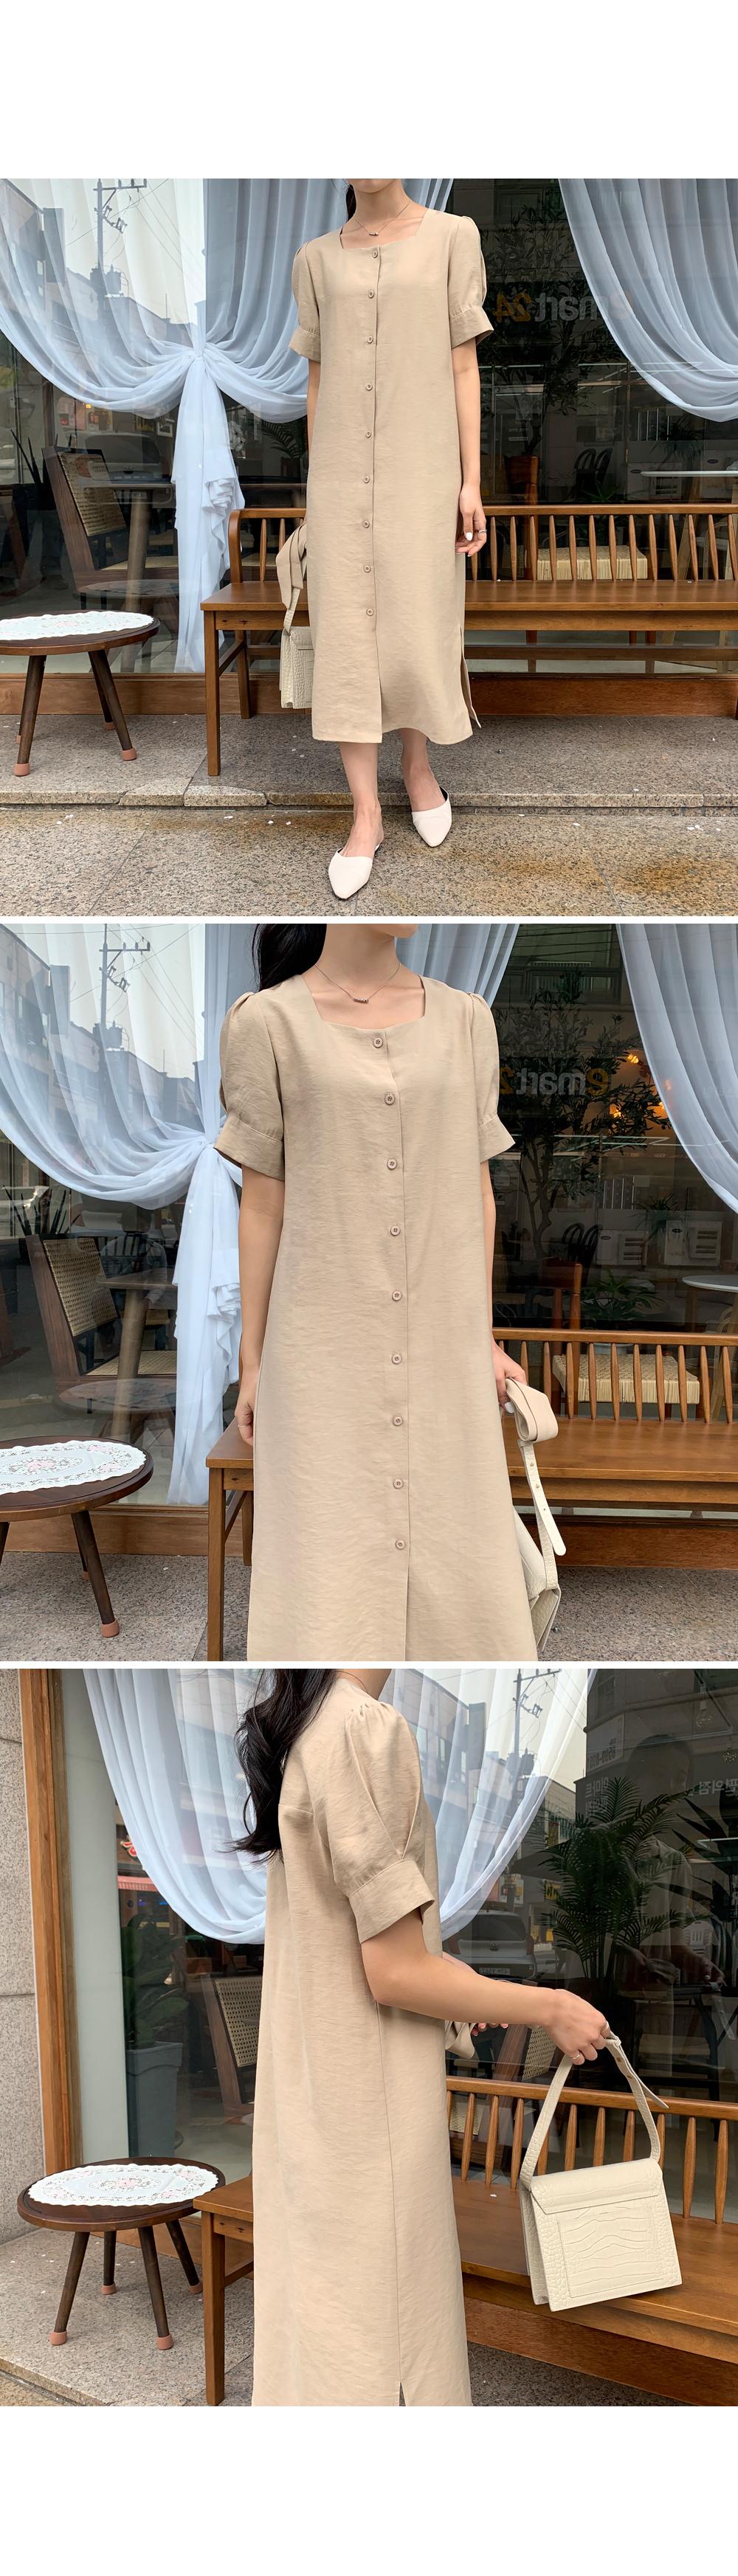 Square Neck Button Up Dress-holiholic.com